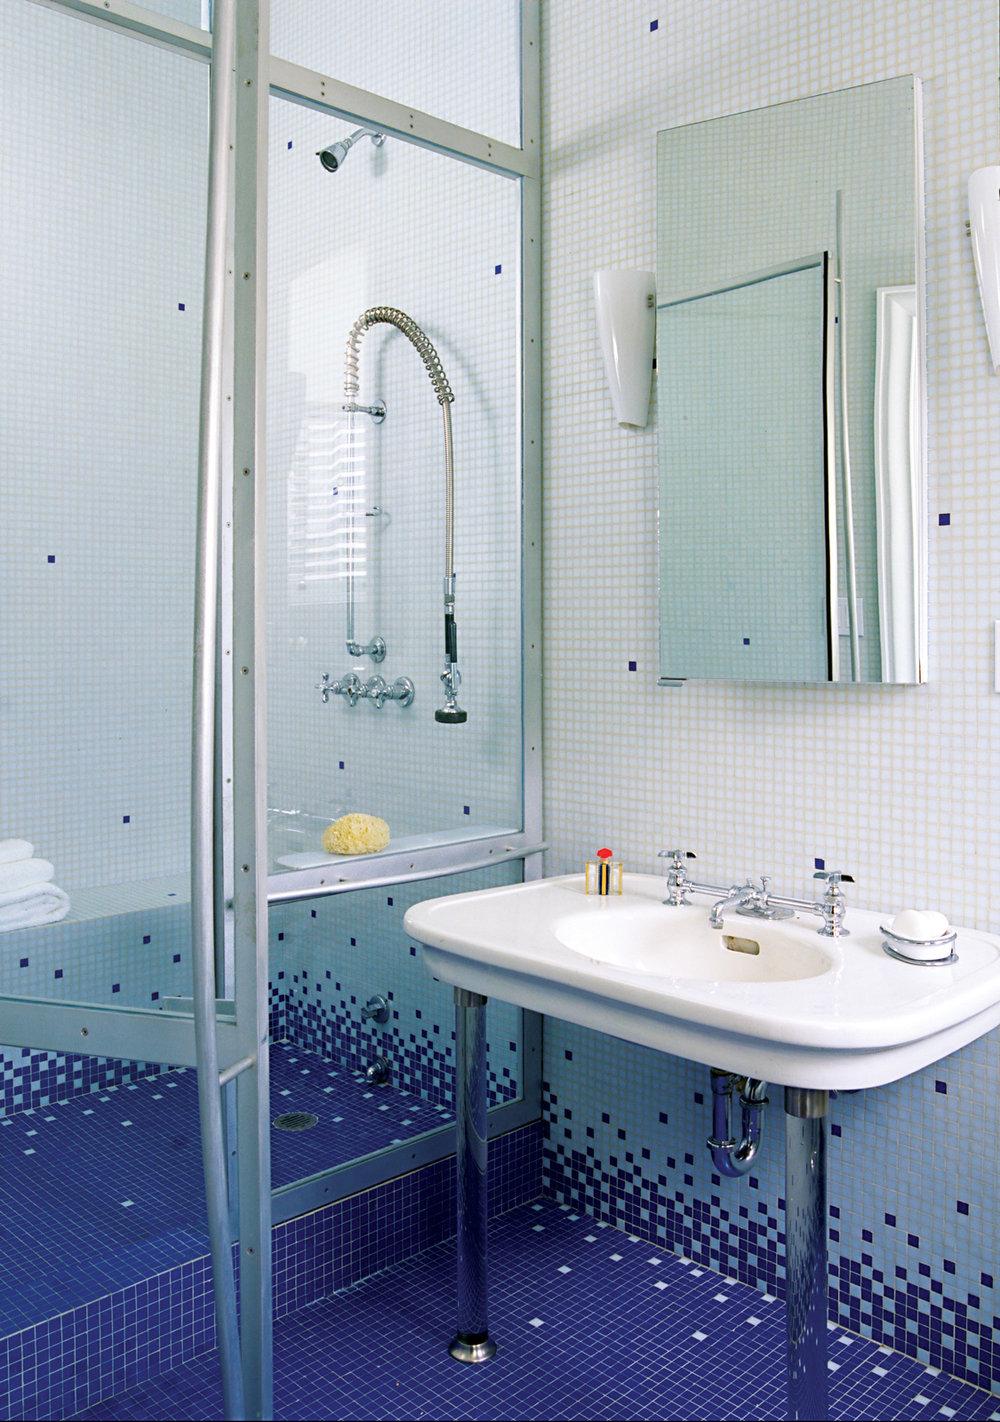 M563-Master-Bath---0228746B888243EA_cr_sm.jpg